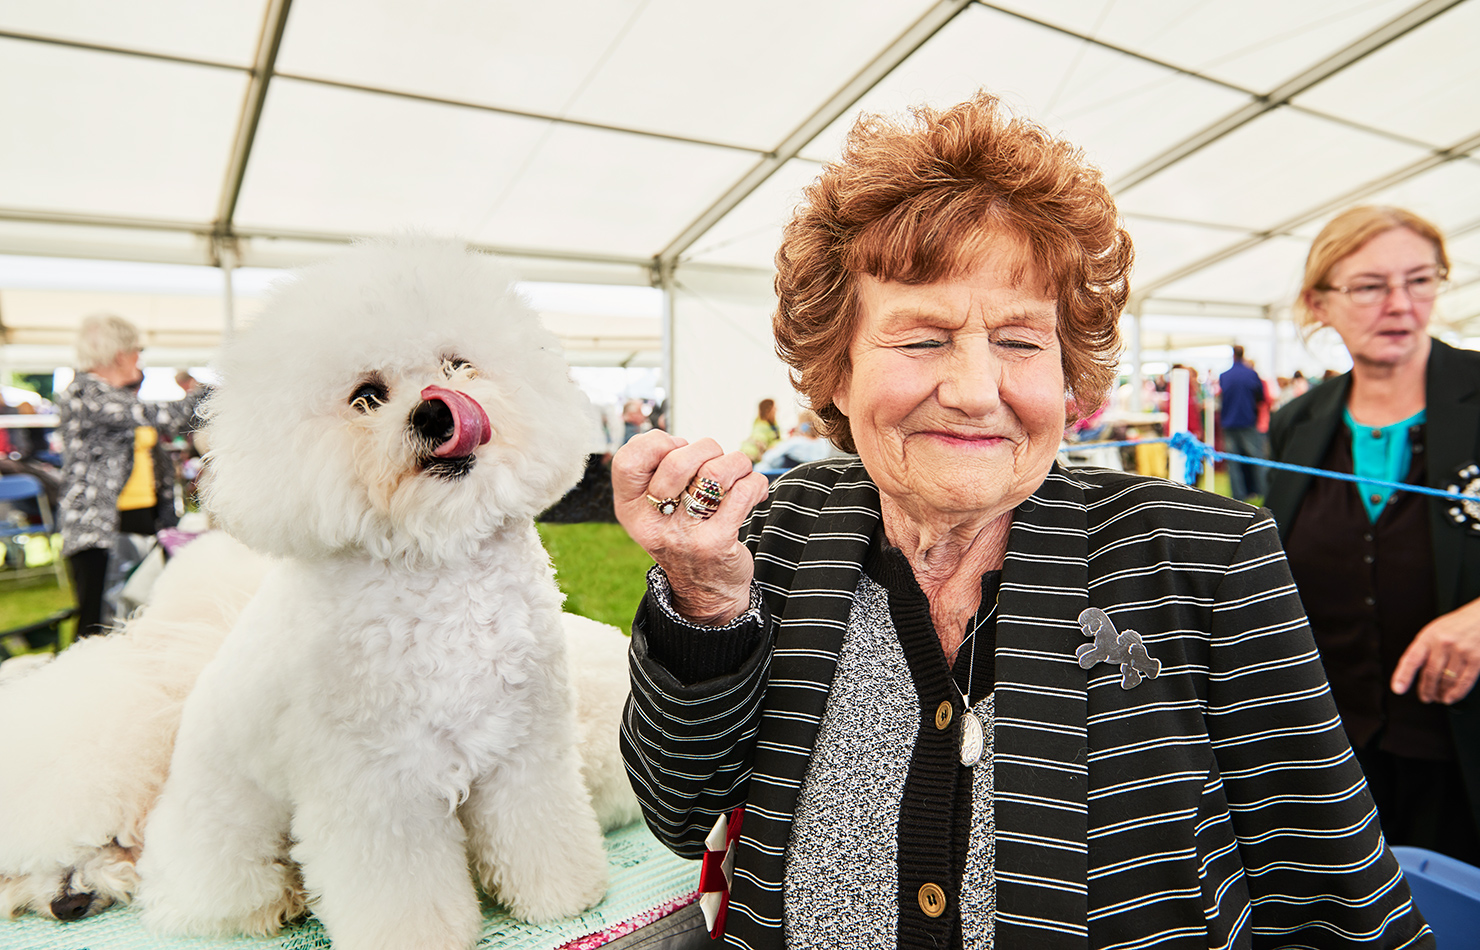 UK windsor dogshow documentary advertising photography